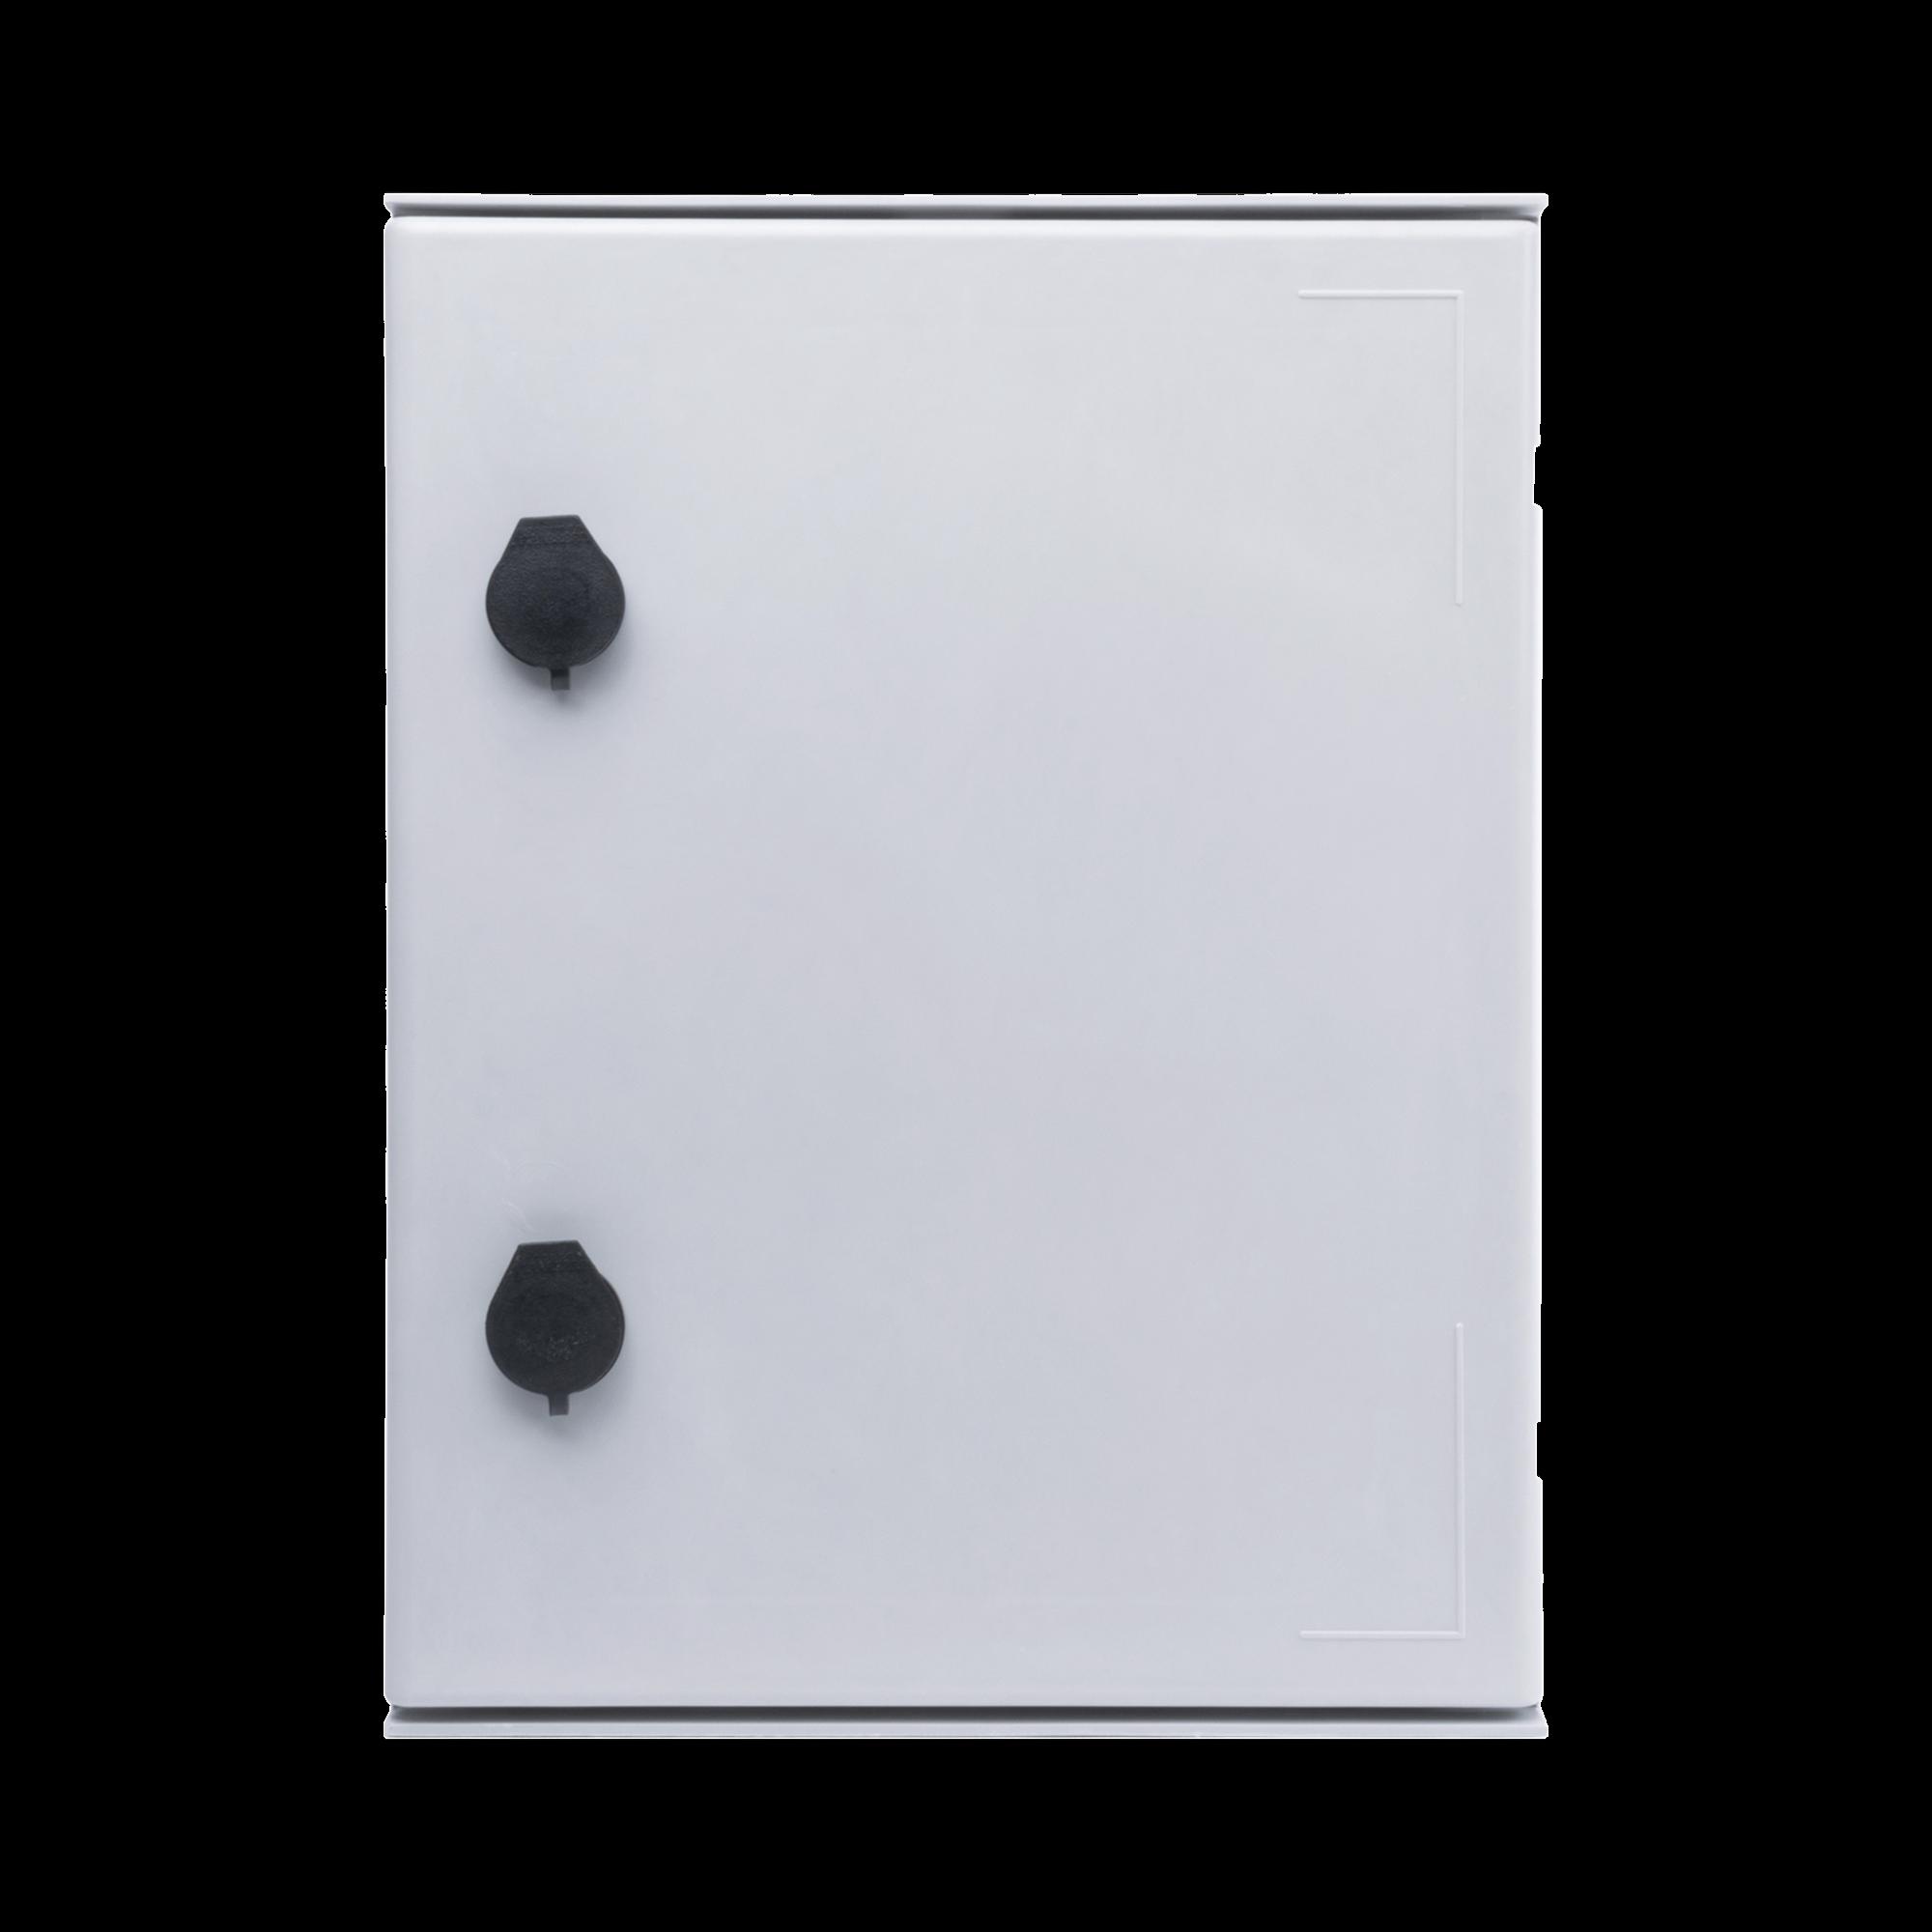 Gabinete de Poliéster IP65 Uso en Intemperie (300 x 400 x 200 mm) con Placa Trasera Interior (Incluye Chapa y Llave).